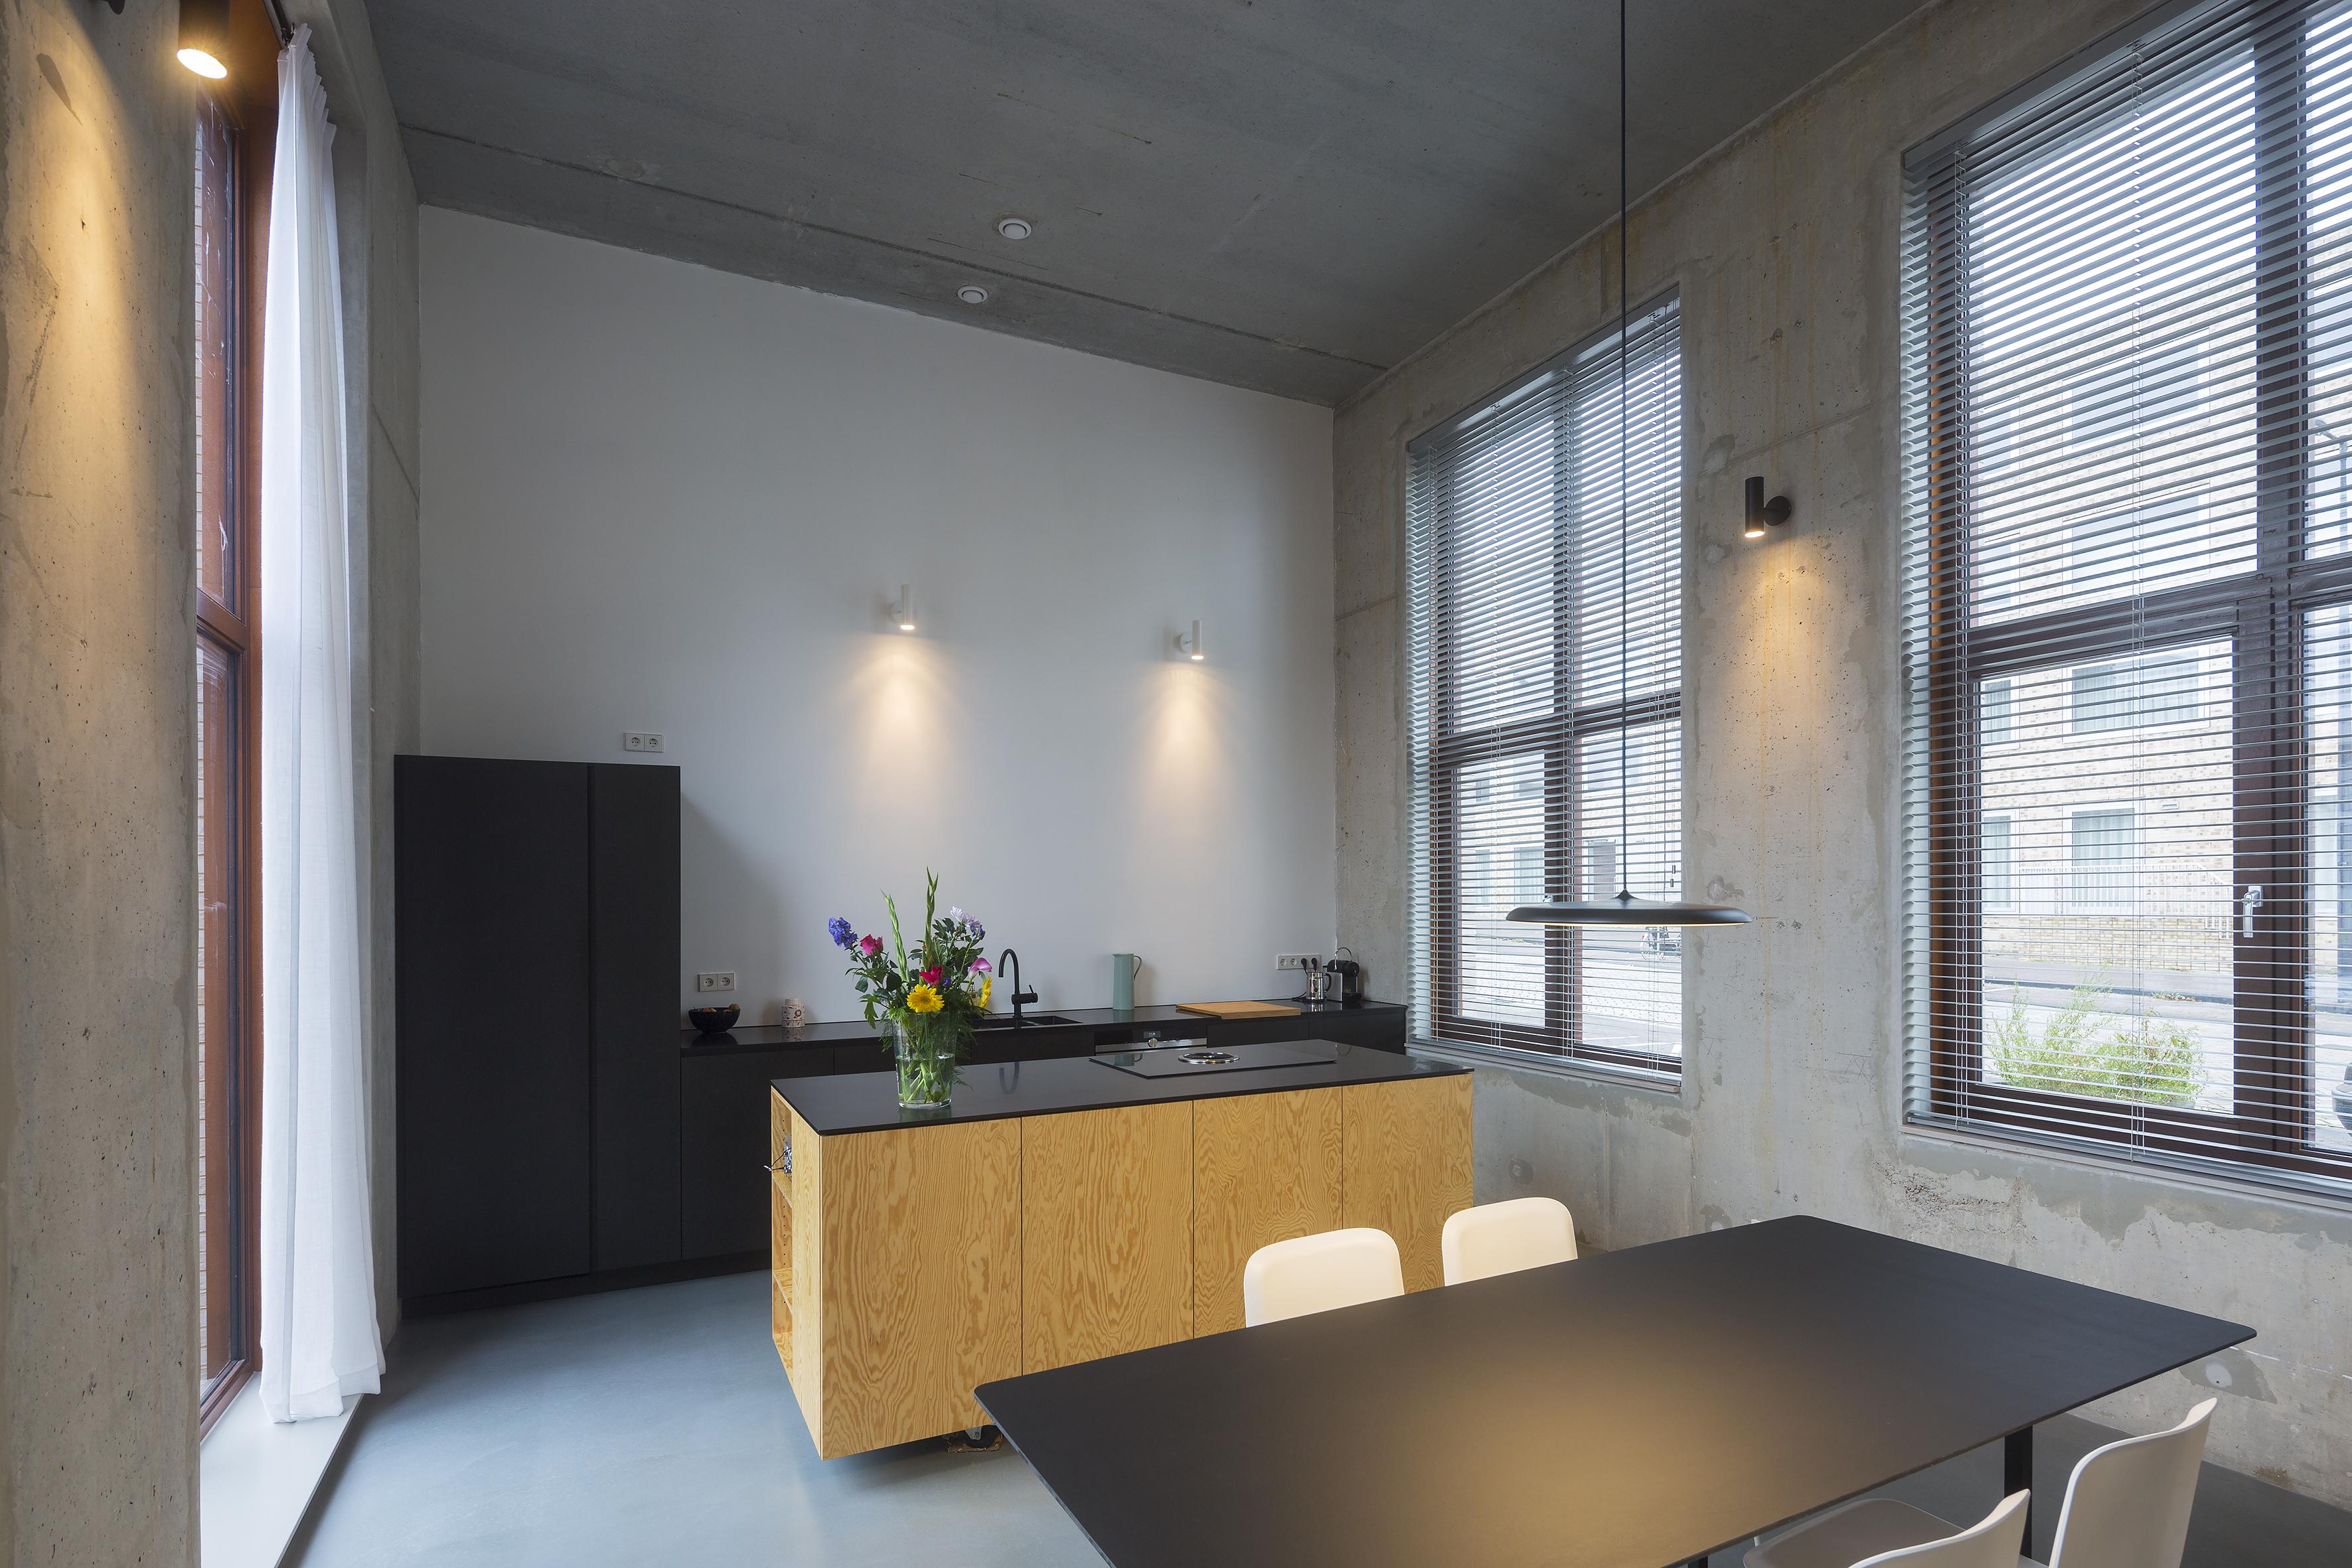 Keuken Wandkast 8 : Keuken op maat · meubelmakerij mark